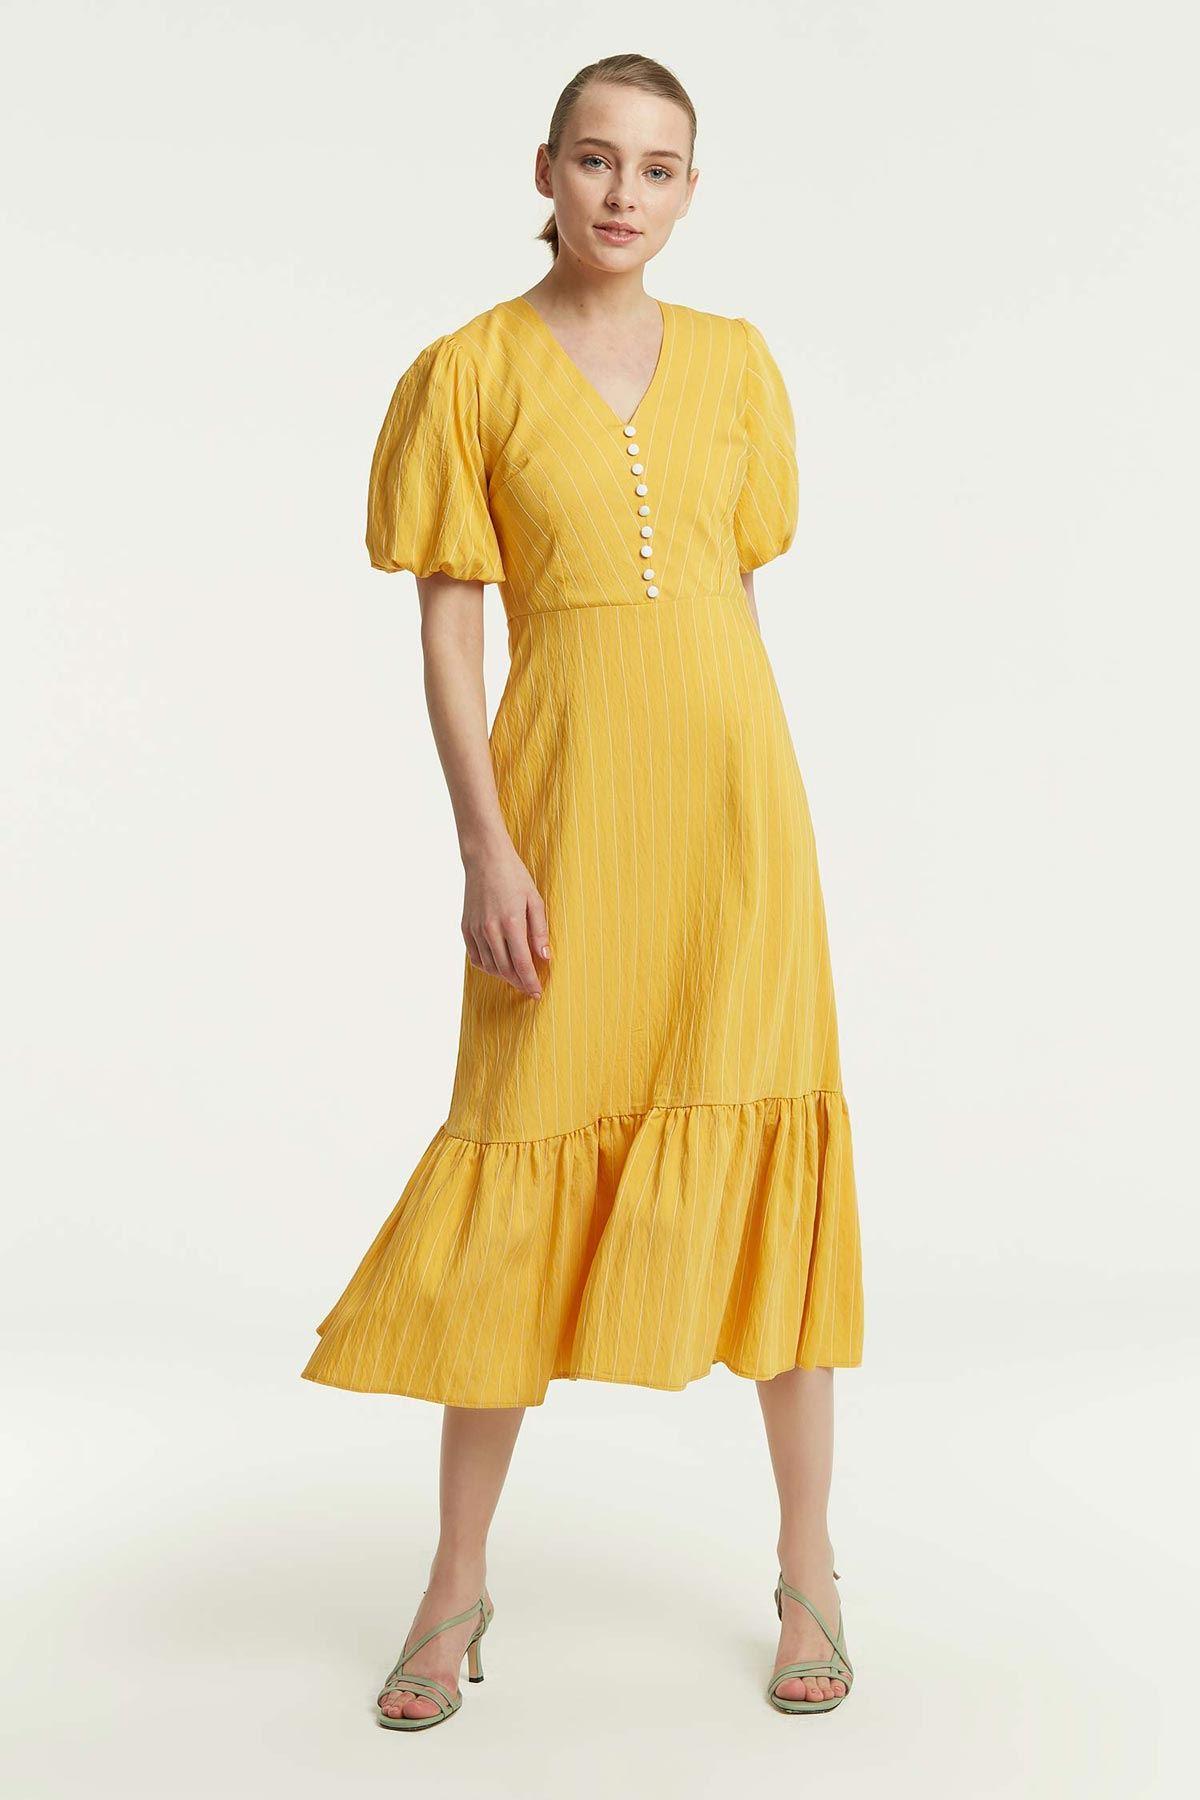 Balon Kol Süs Düğmeli Elbise Sarı